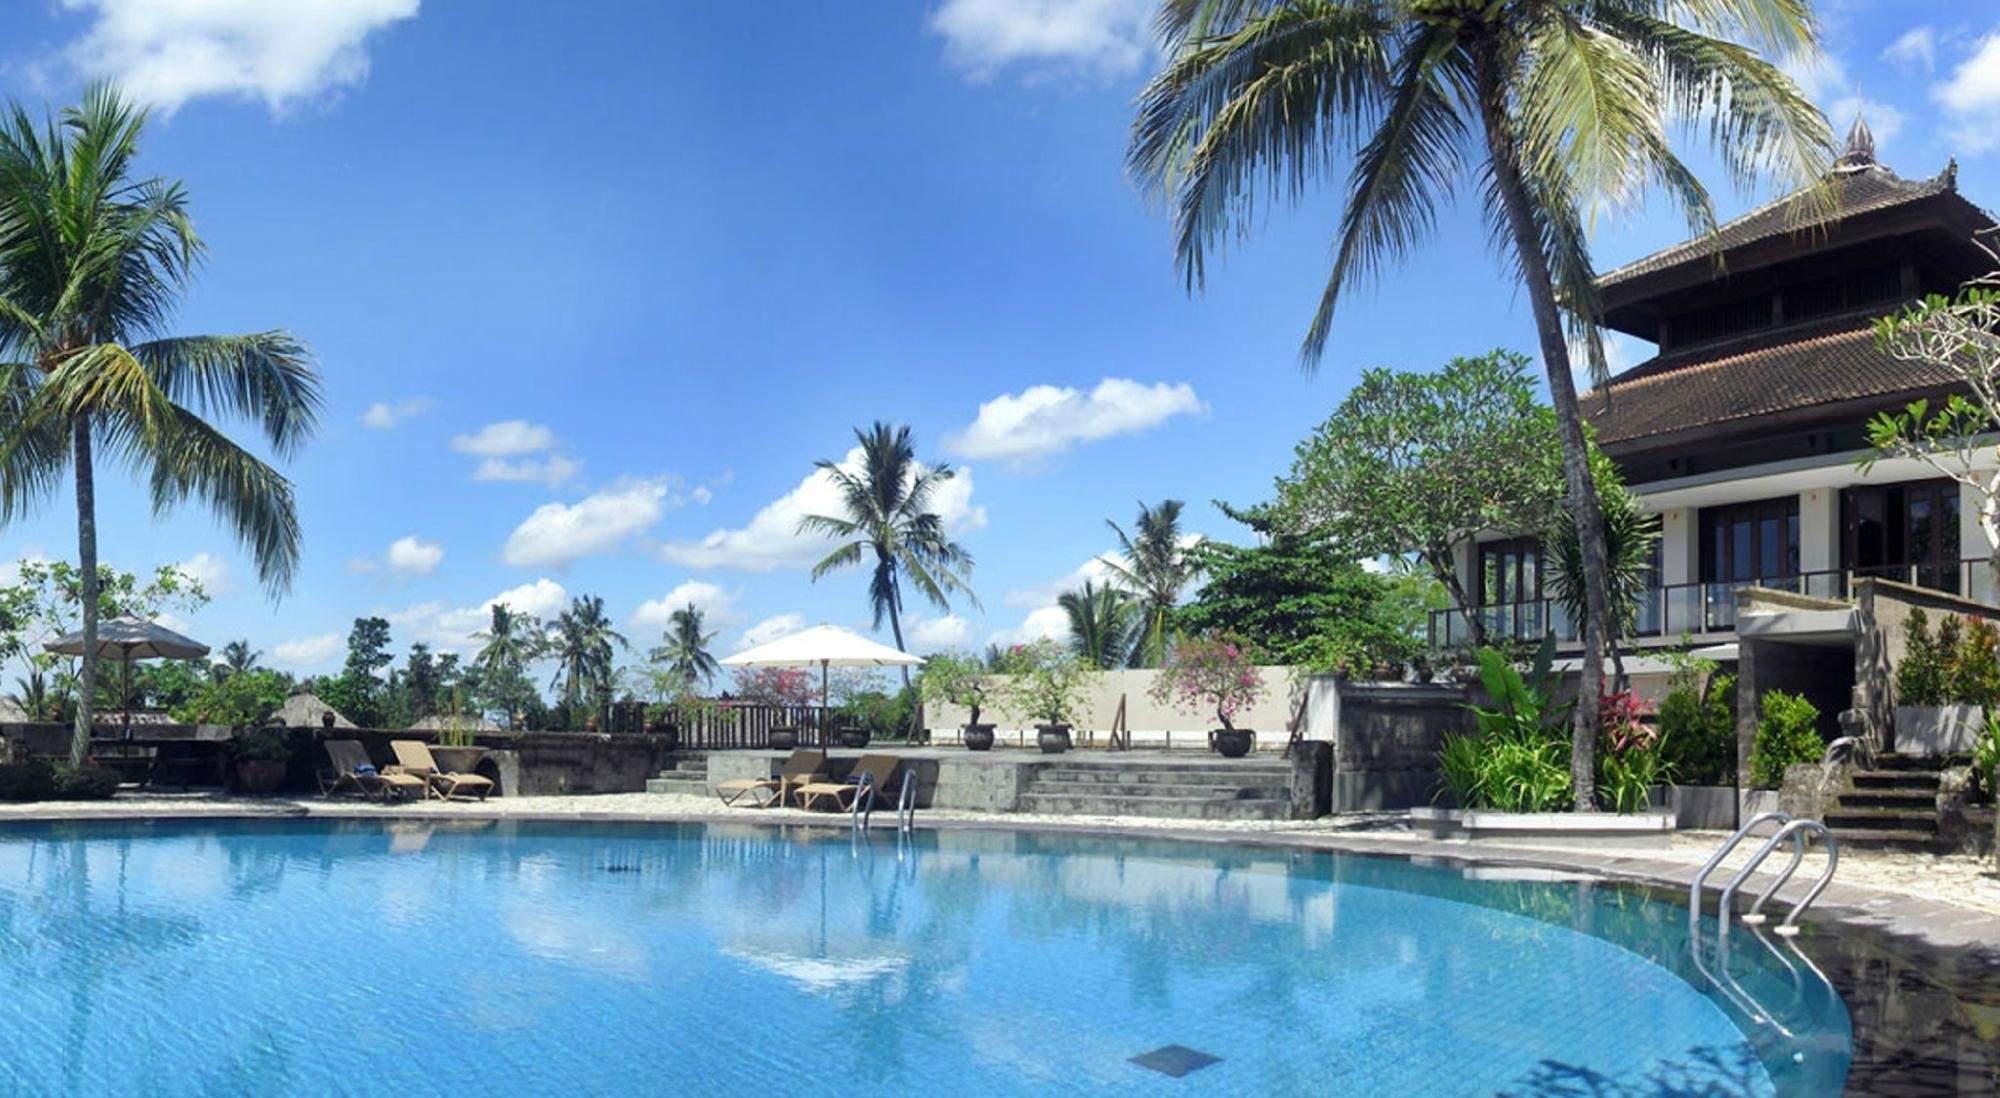 Hotel Kamandalu Resort & Spa